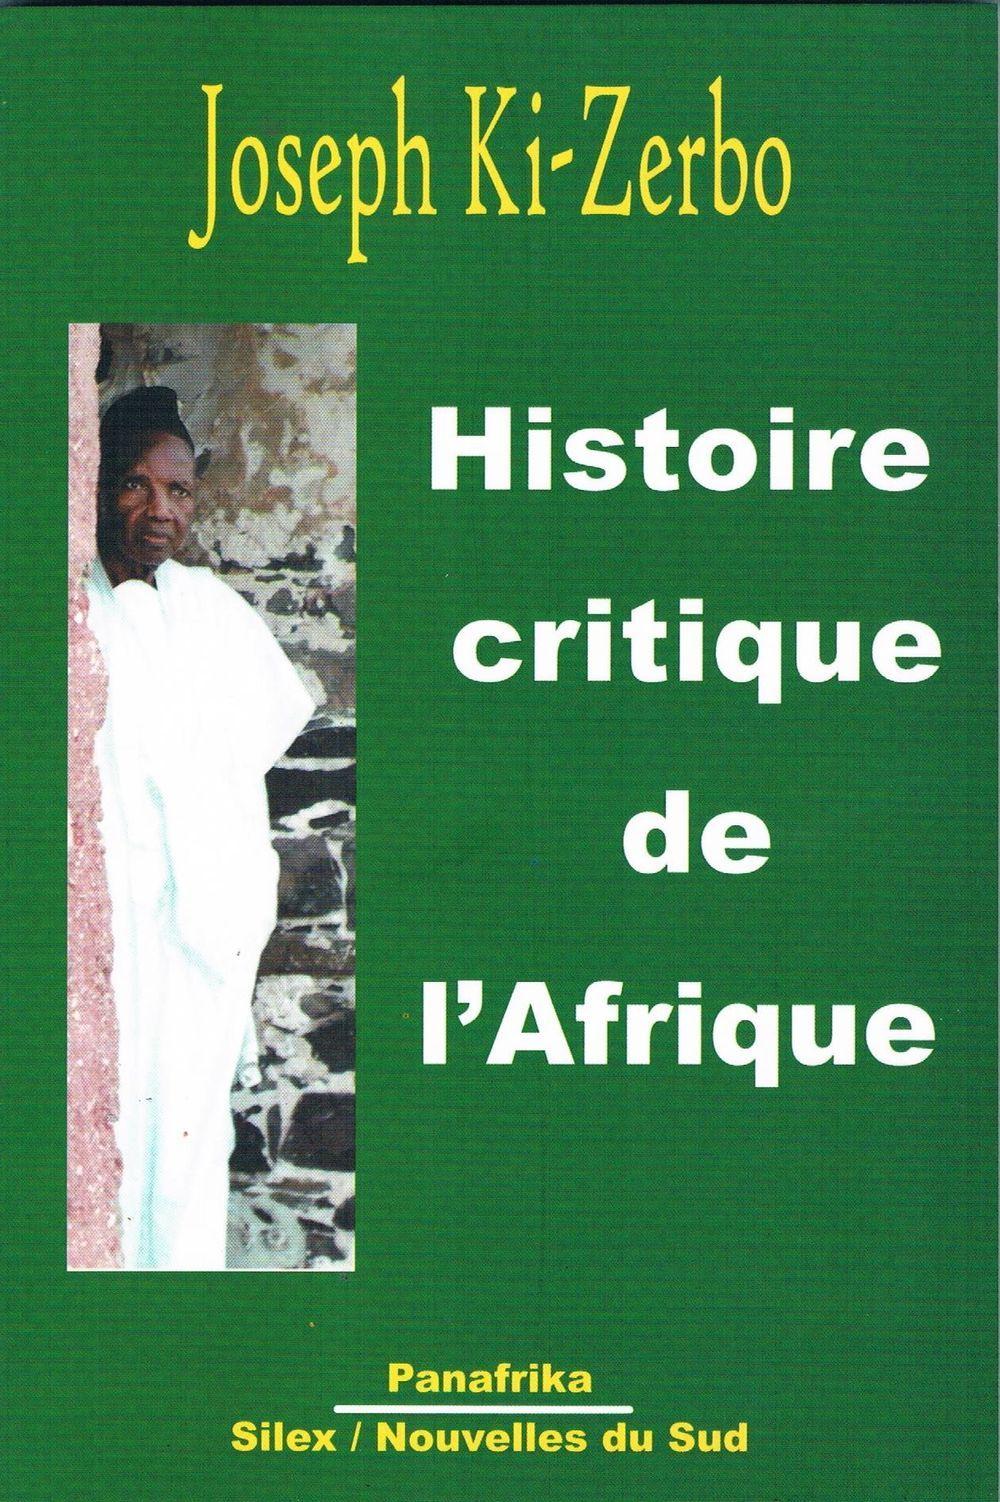 HISTOIRE CRITIQUE DE L'AFRIQUE